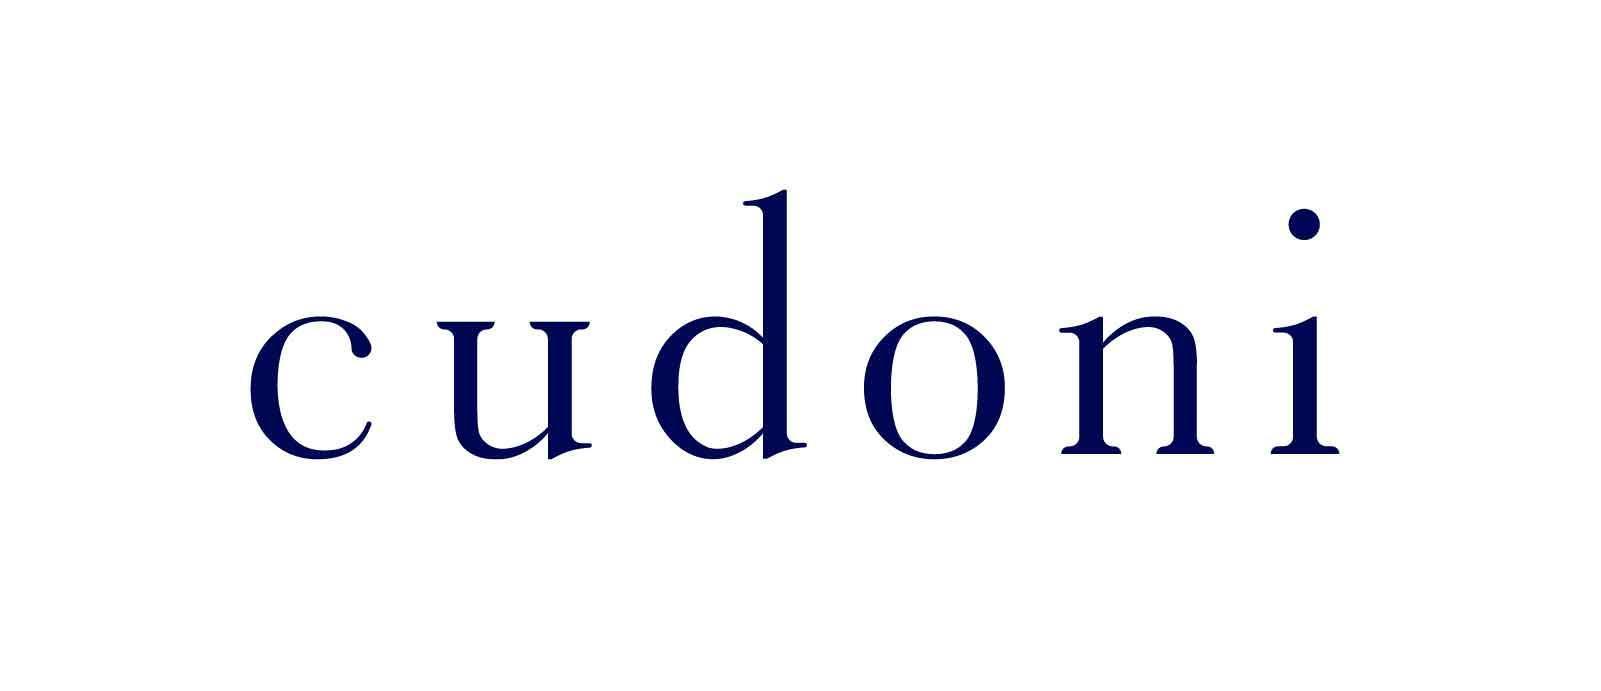 Cudoni company logo